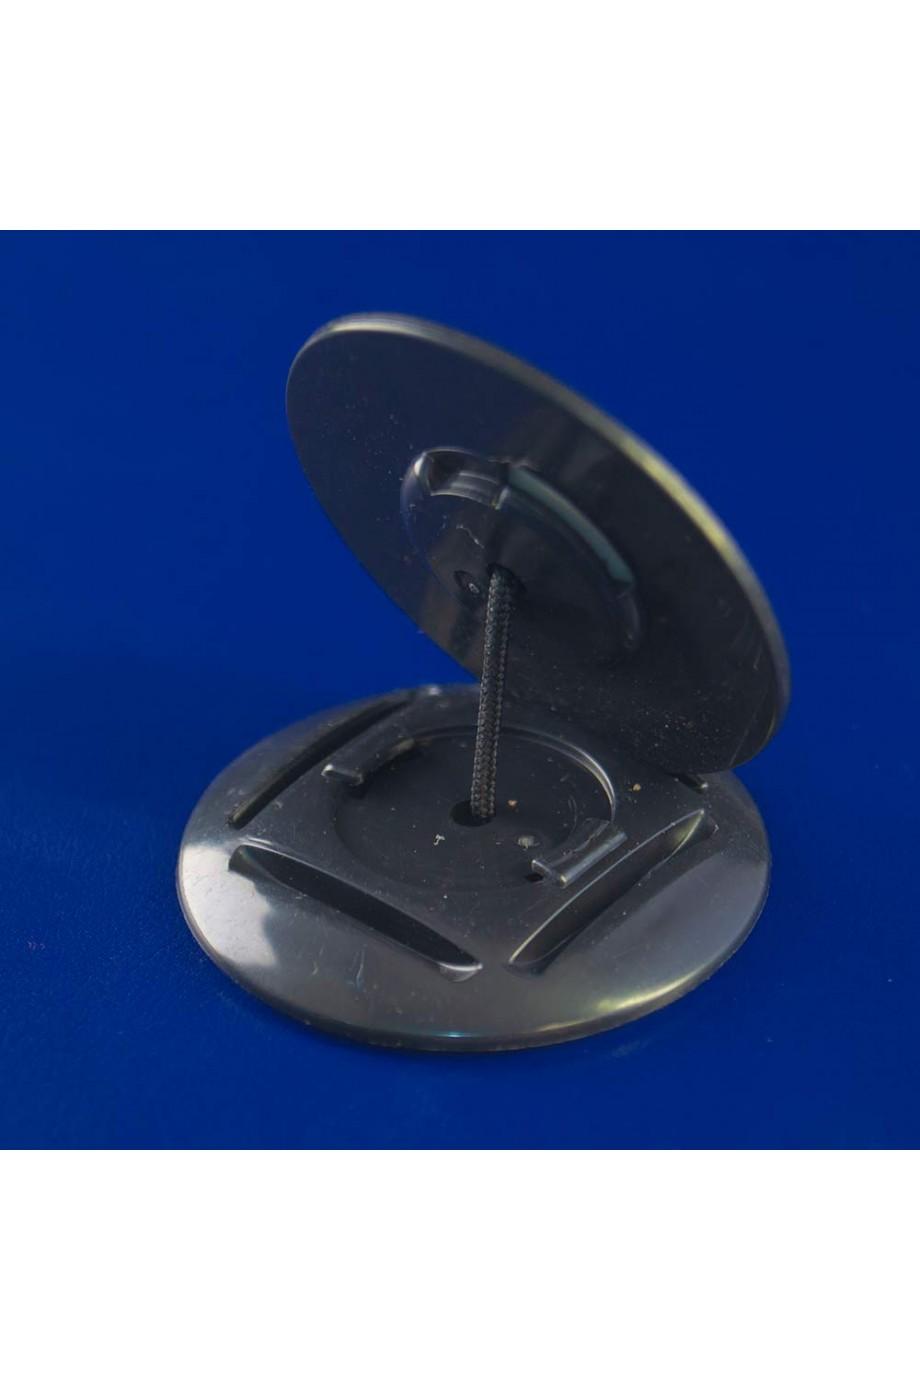 Держатель для телефона попсокет V41, магнитный